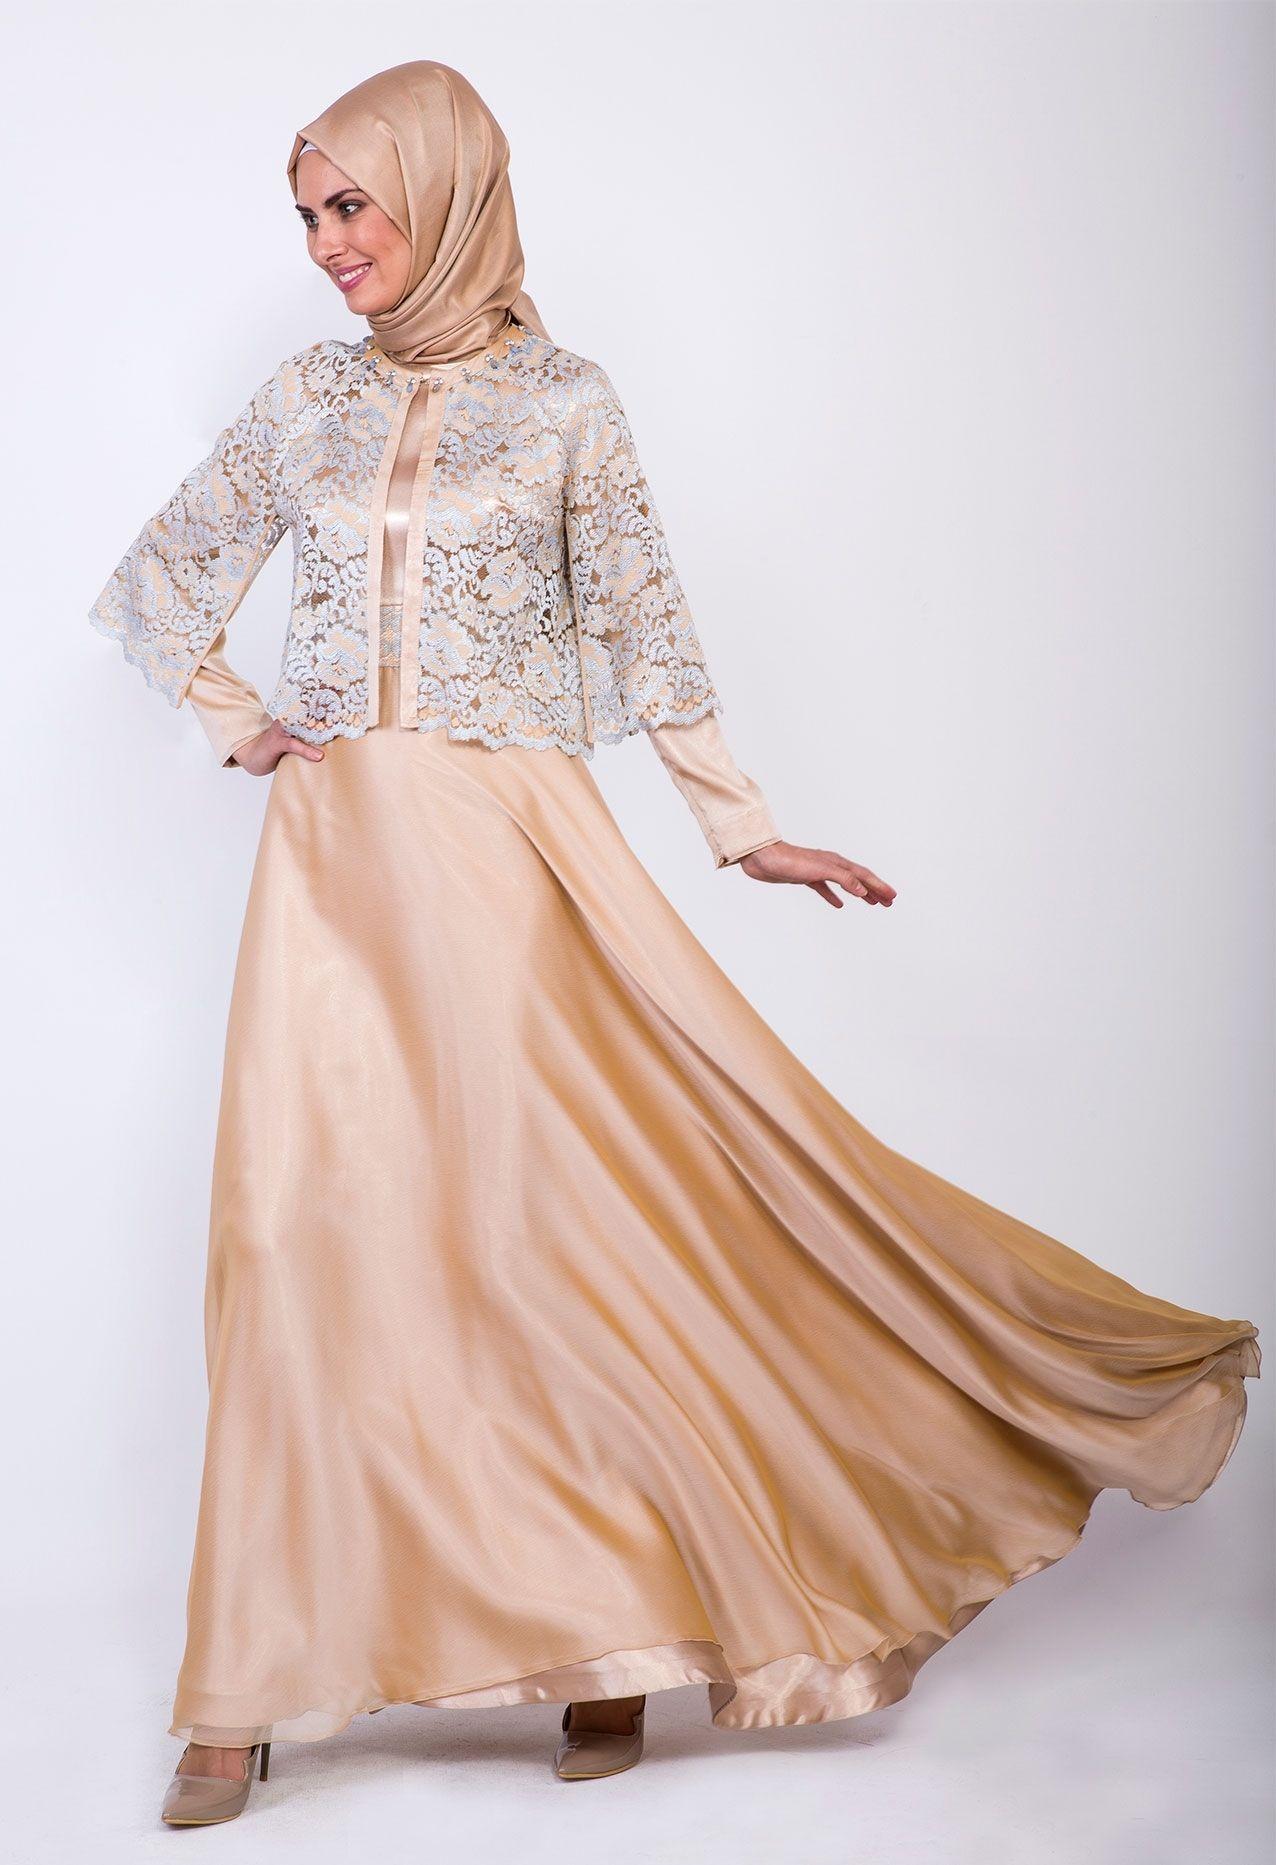 Related pictures armine tak elbise tesett abiye modelleri - Modamiz Com Tesett R Giyim Anta E Arp Ayakkab Kayra Abiye Elbise